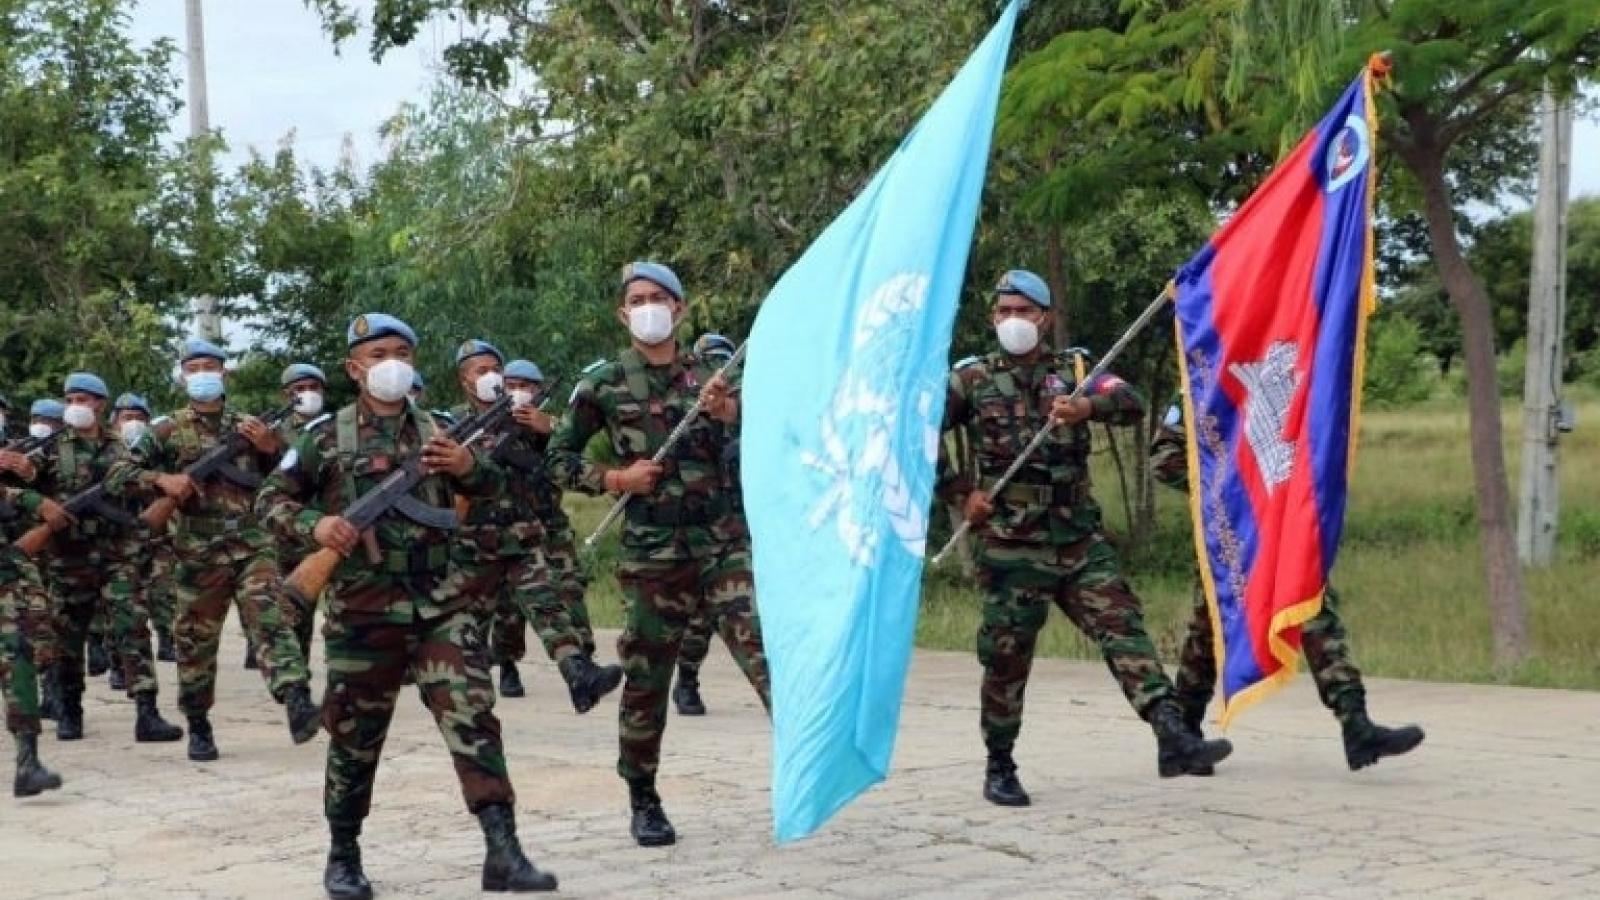 Campuchia sẽ cử 300 binh sỹ tham gia nhiệm vụ gìn giữ hòa bình tại Mali